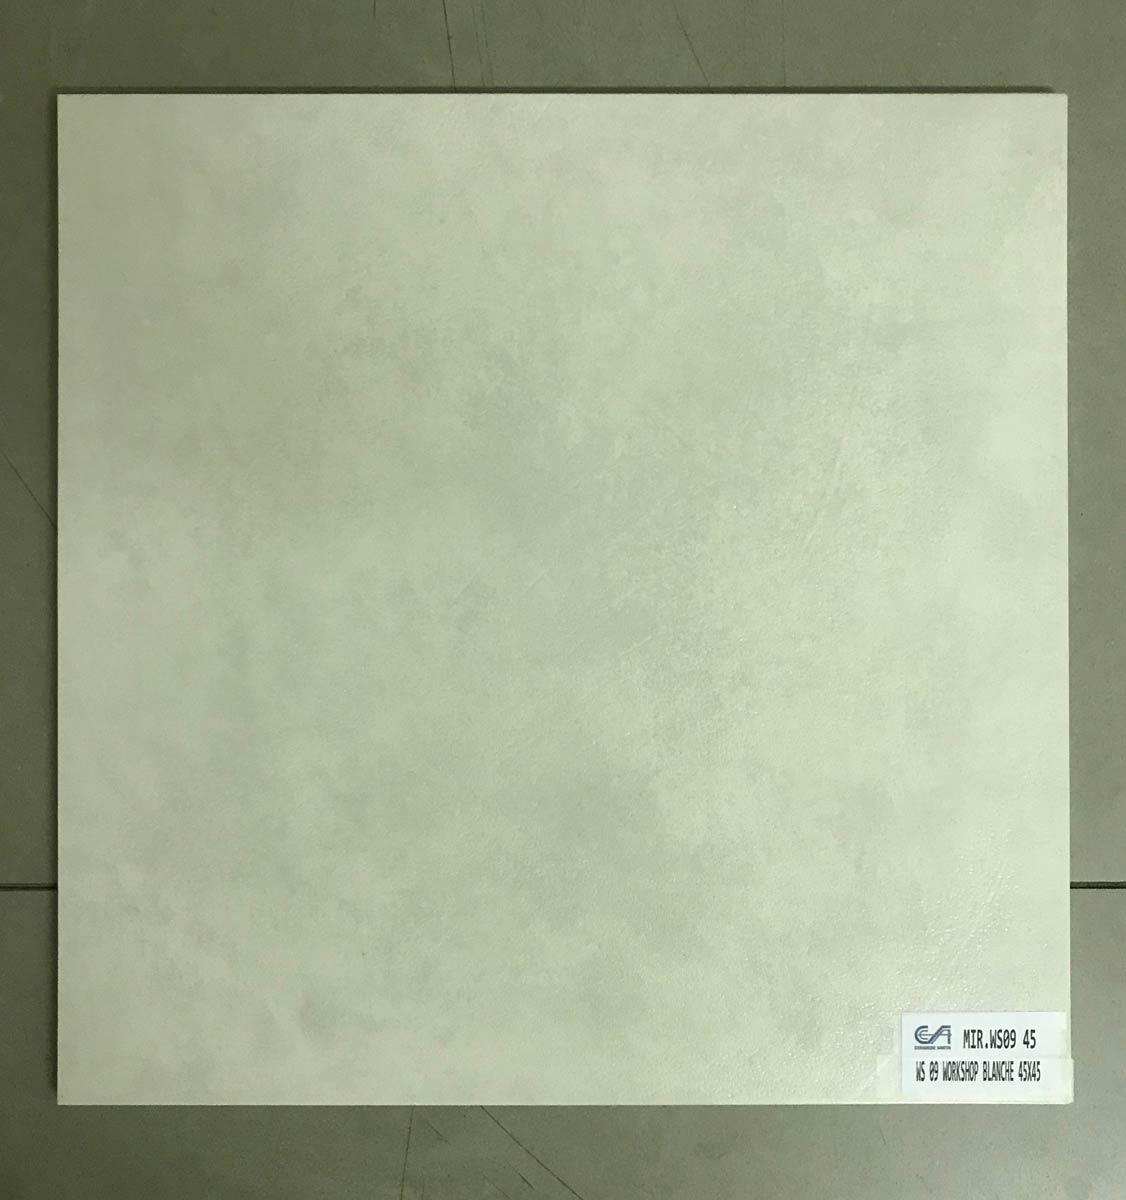 Stock piastrelle e ceramiche pag 2 - CESA Ceramiche Santin Milano